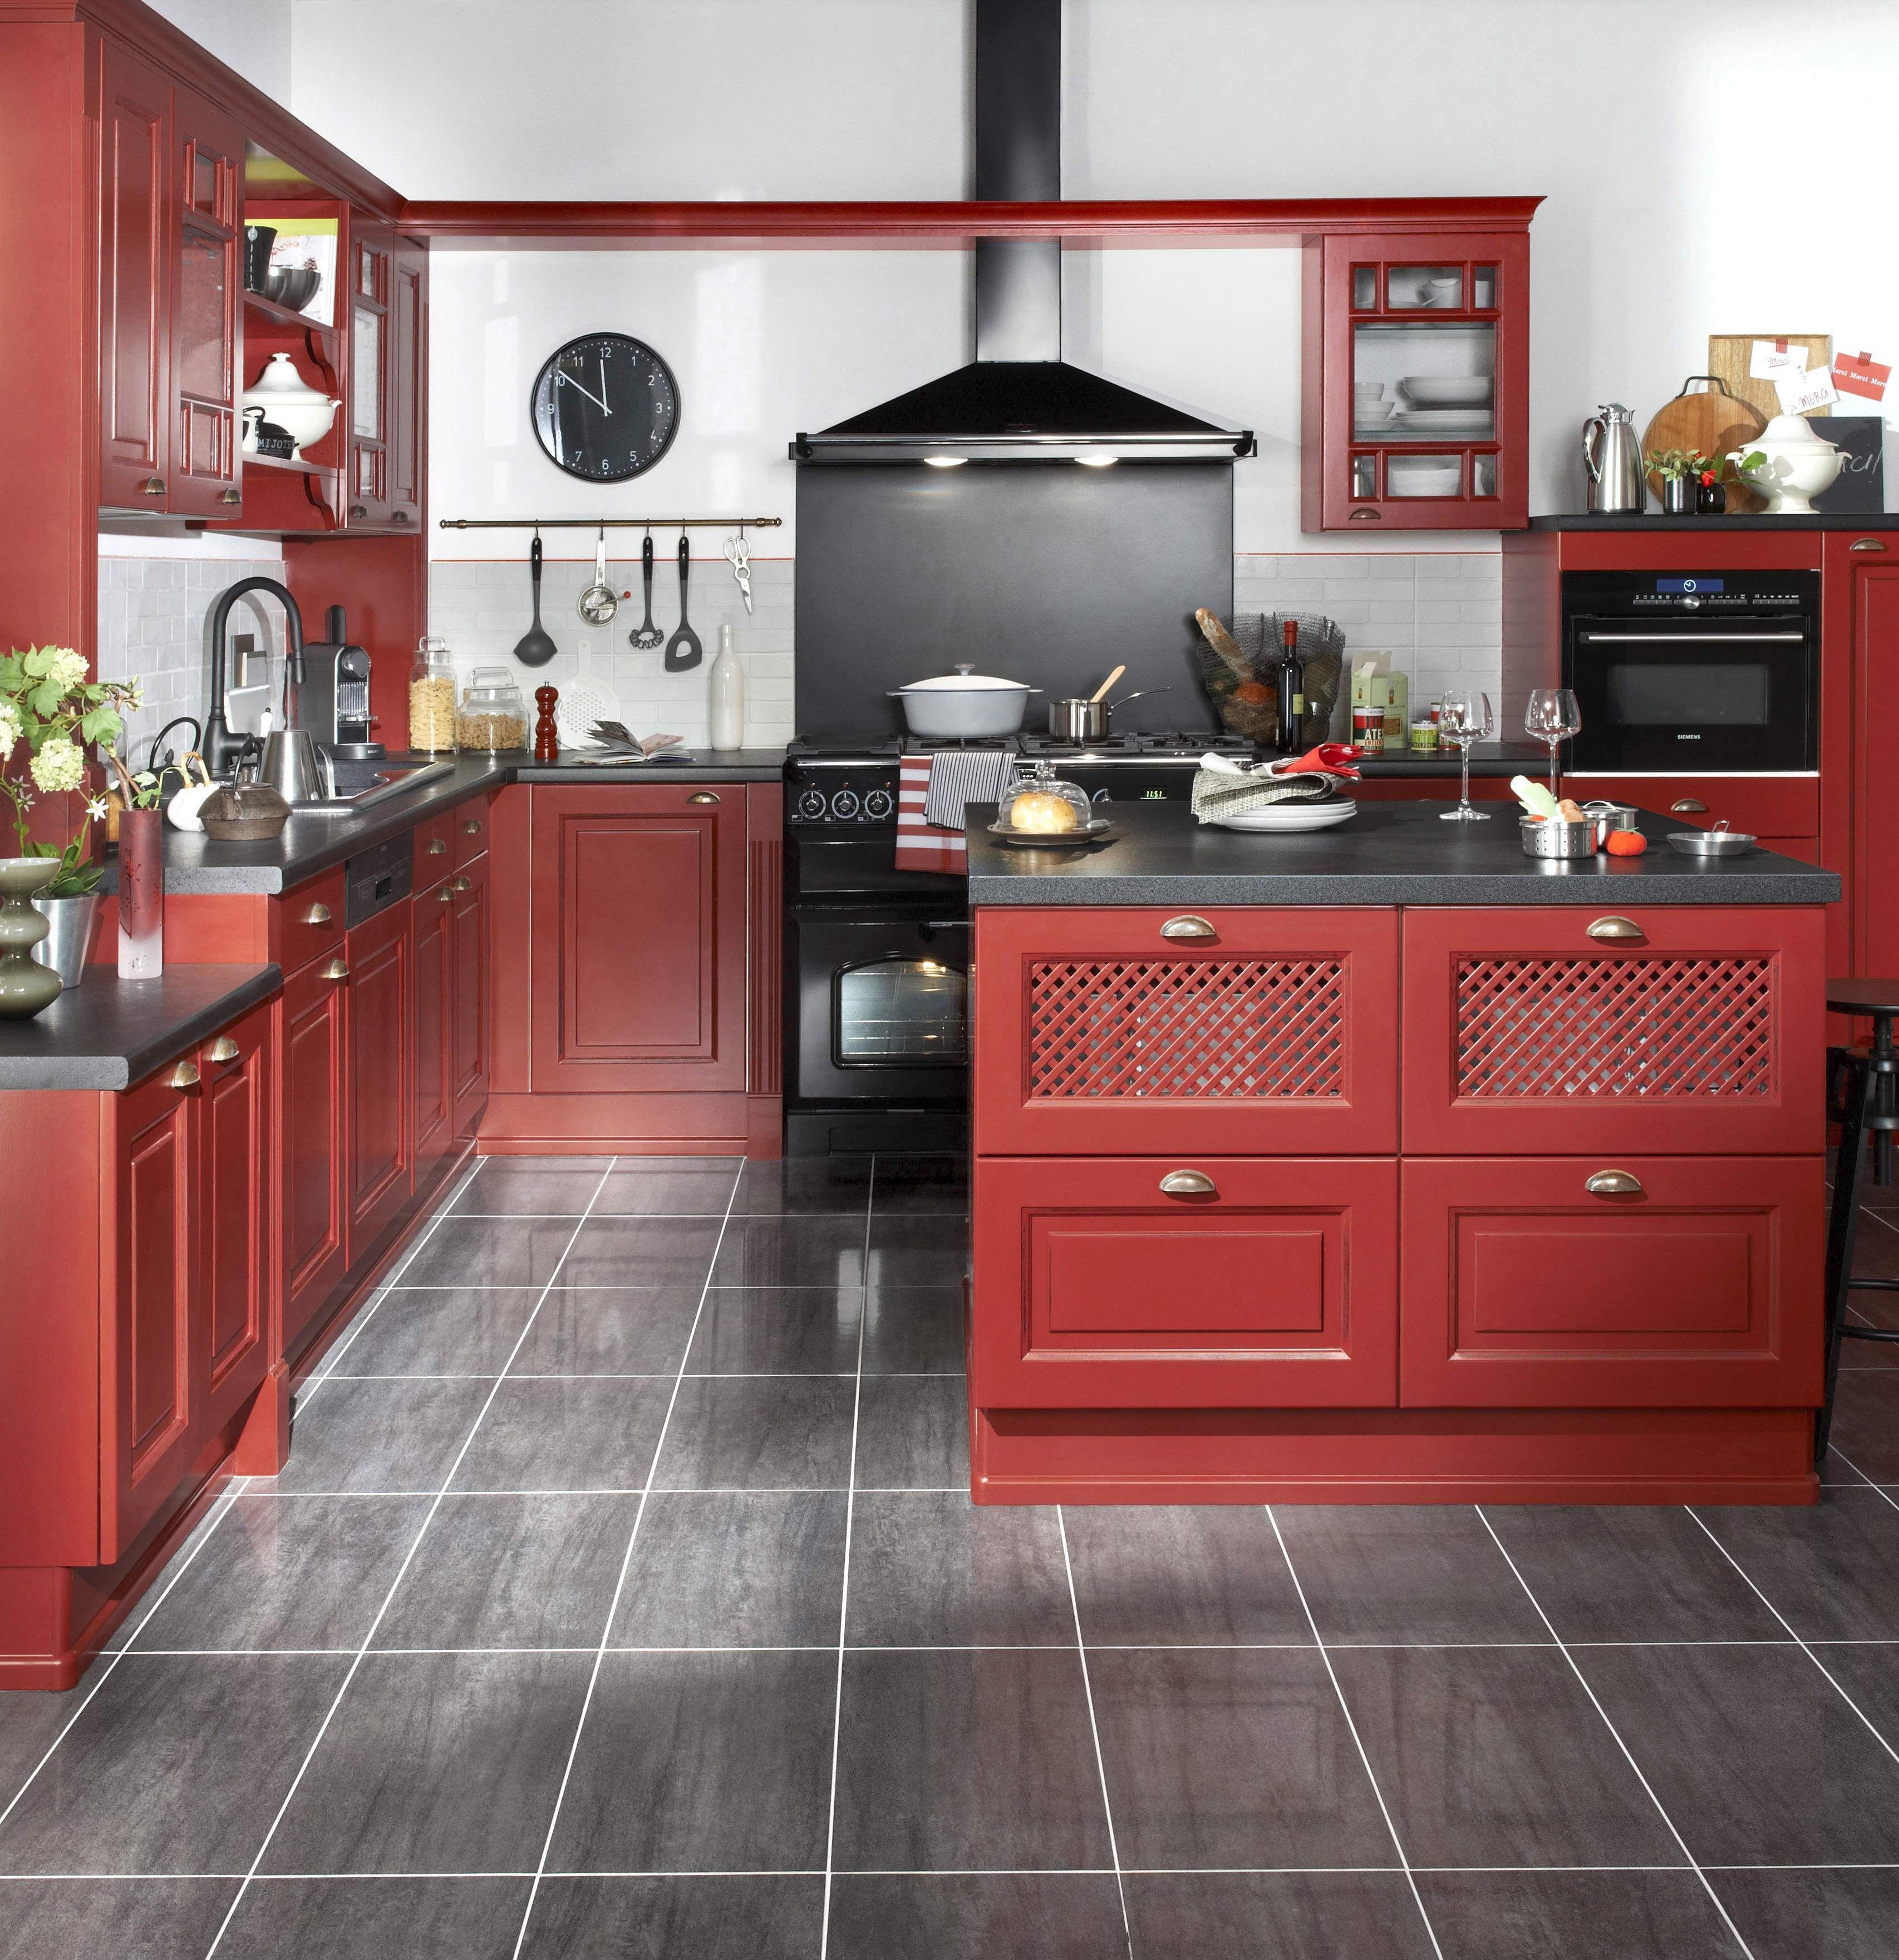 Modeles De Cuisine En Bois Rouge cuisine bistro - rouge vieilli. la cuisine bistro est un